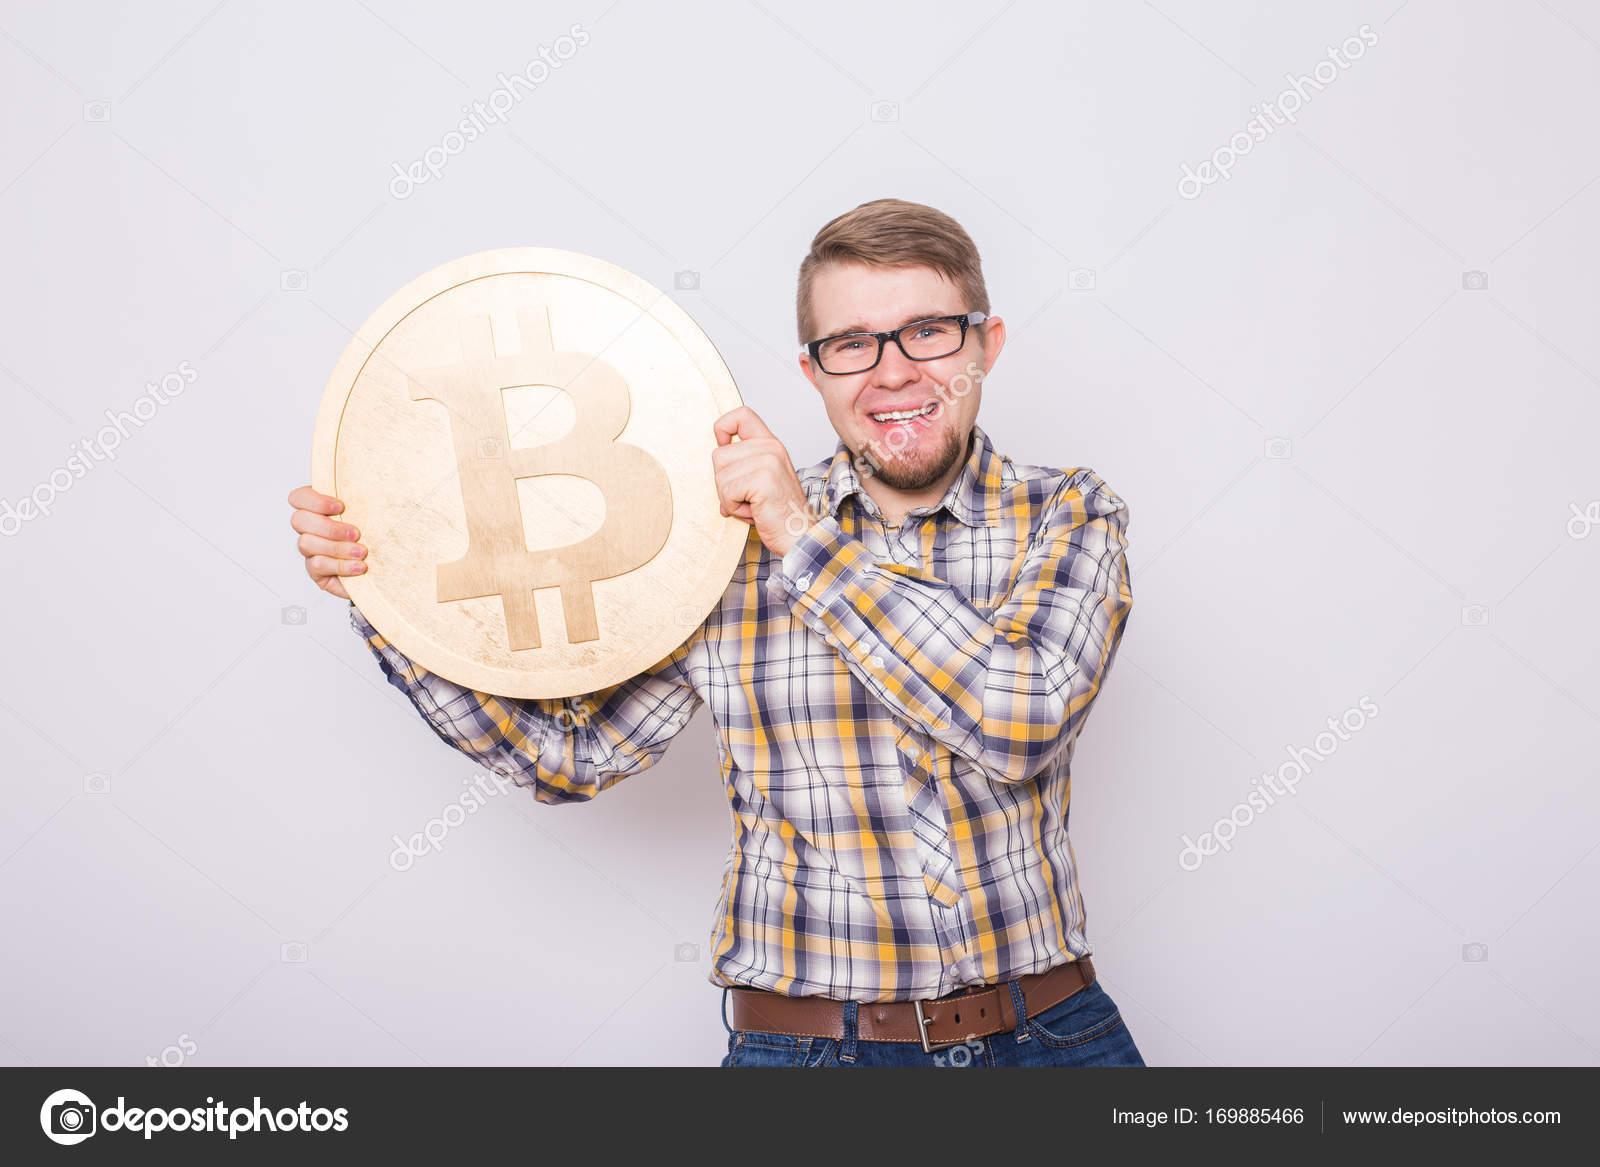 Glücklich Bitcoin Liebhaber Mit Großen Goldenen Münze Lustige